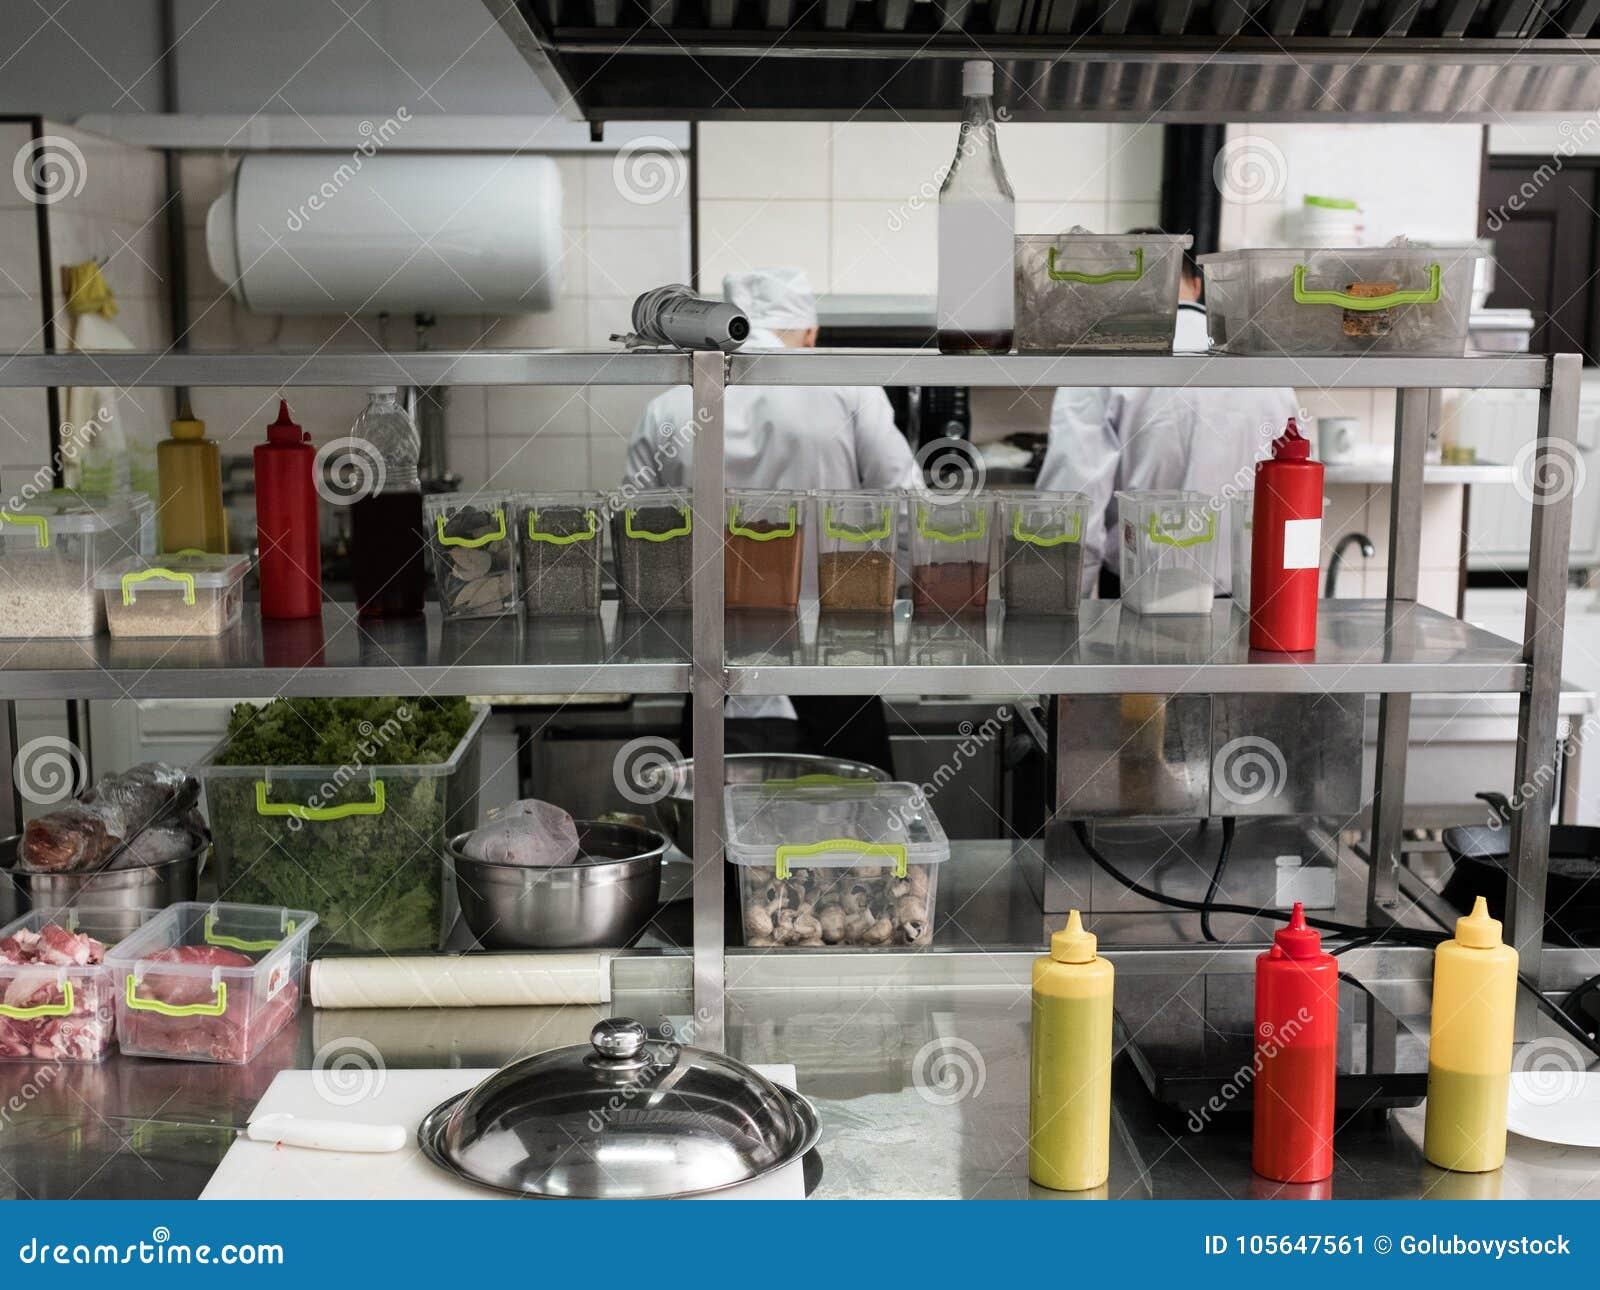 El Espacio De Trabajo Interior De La Cocina Del Restaurante Limpio